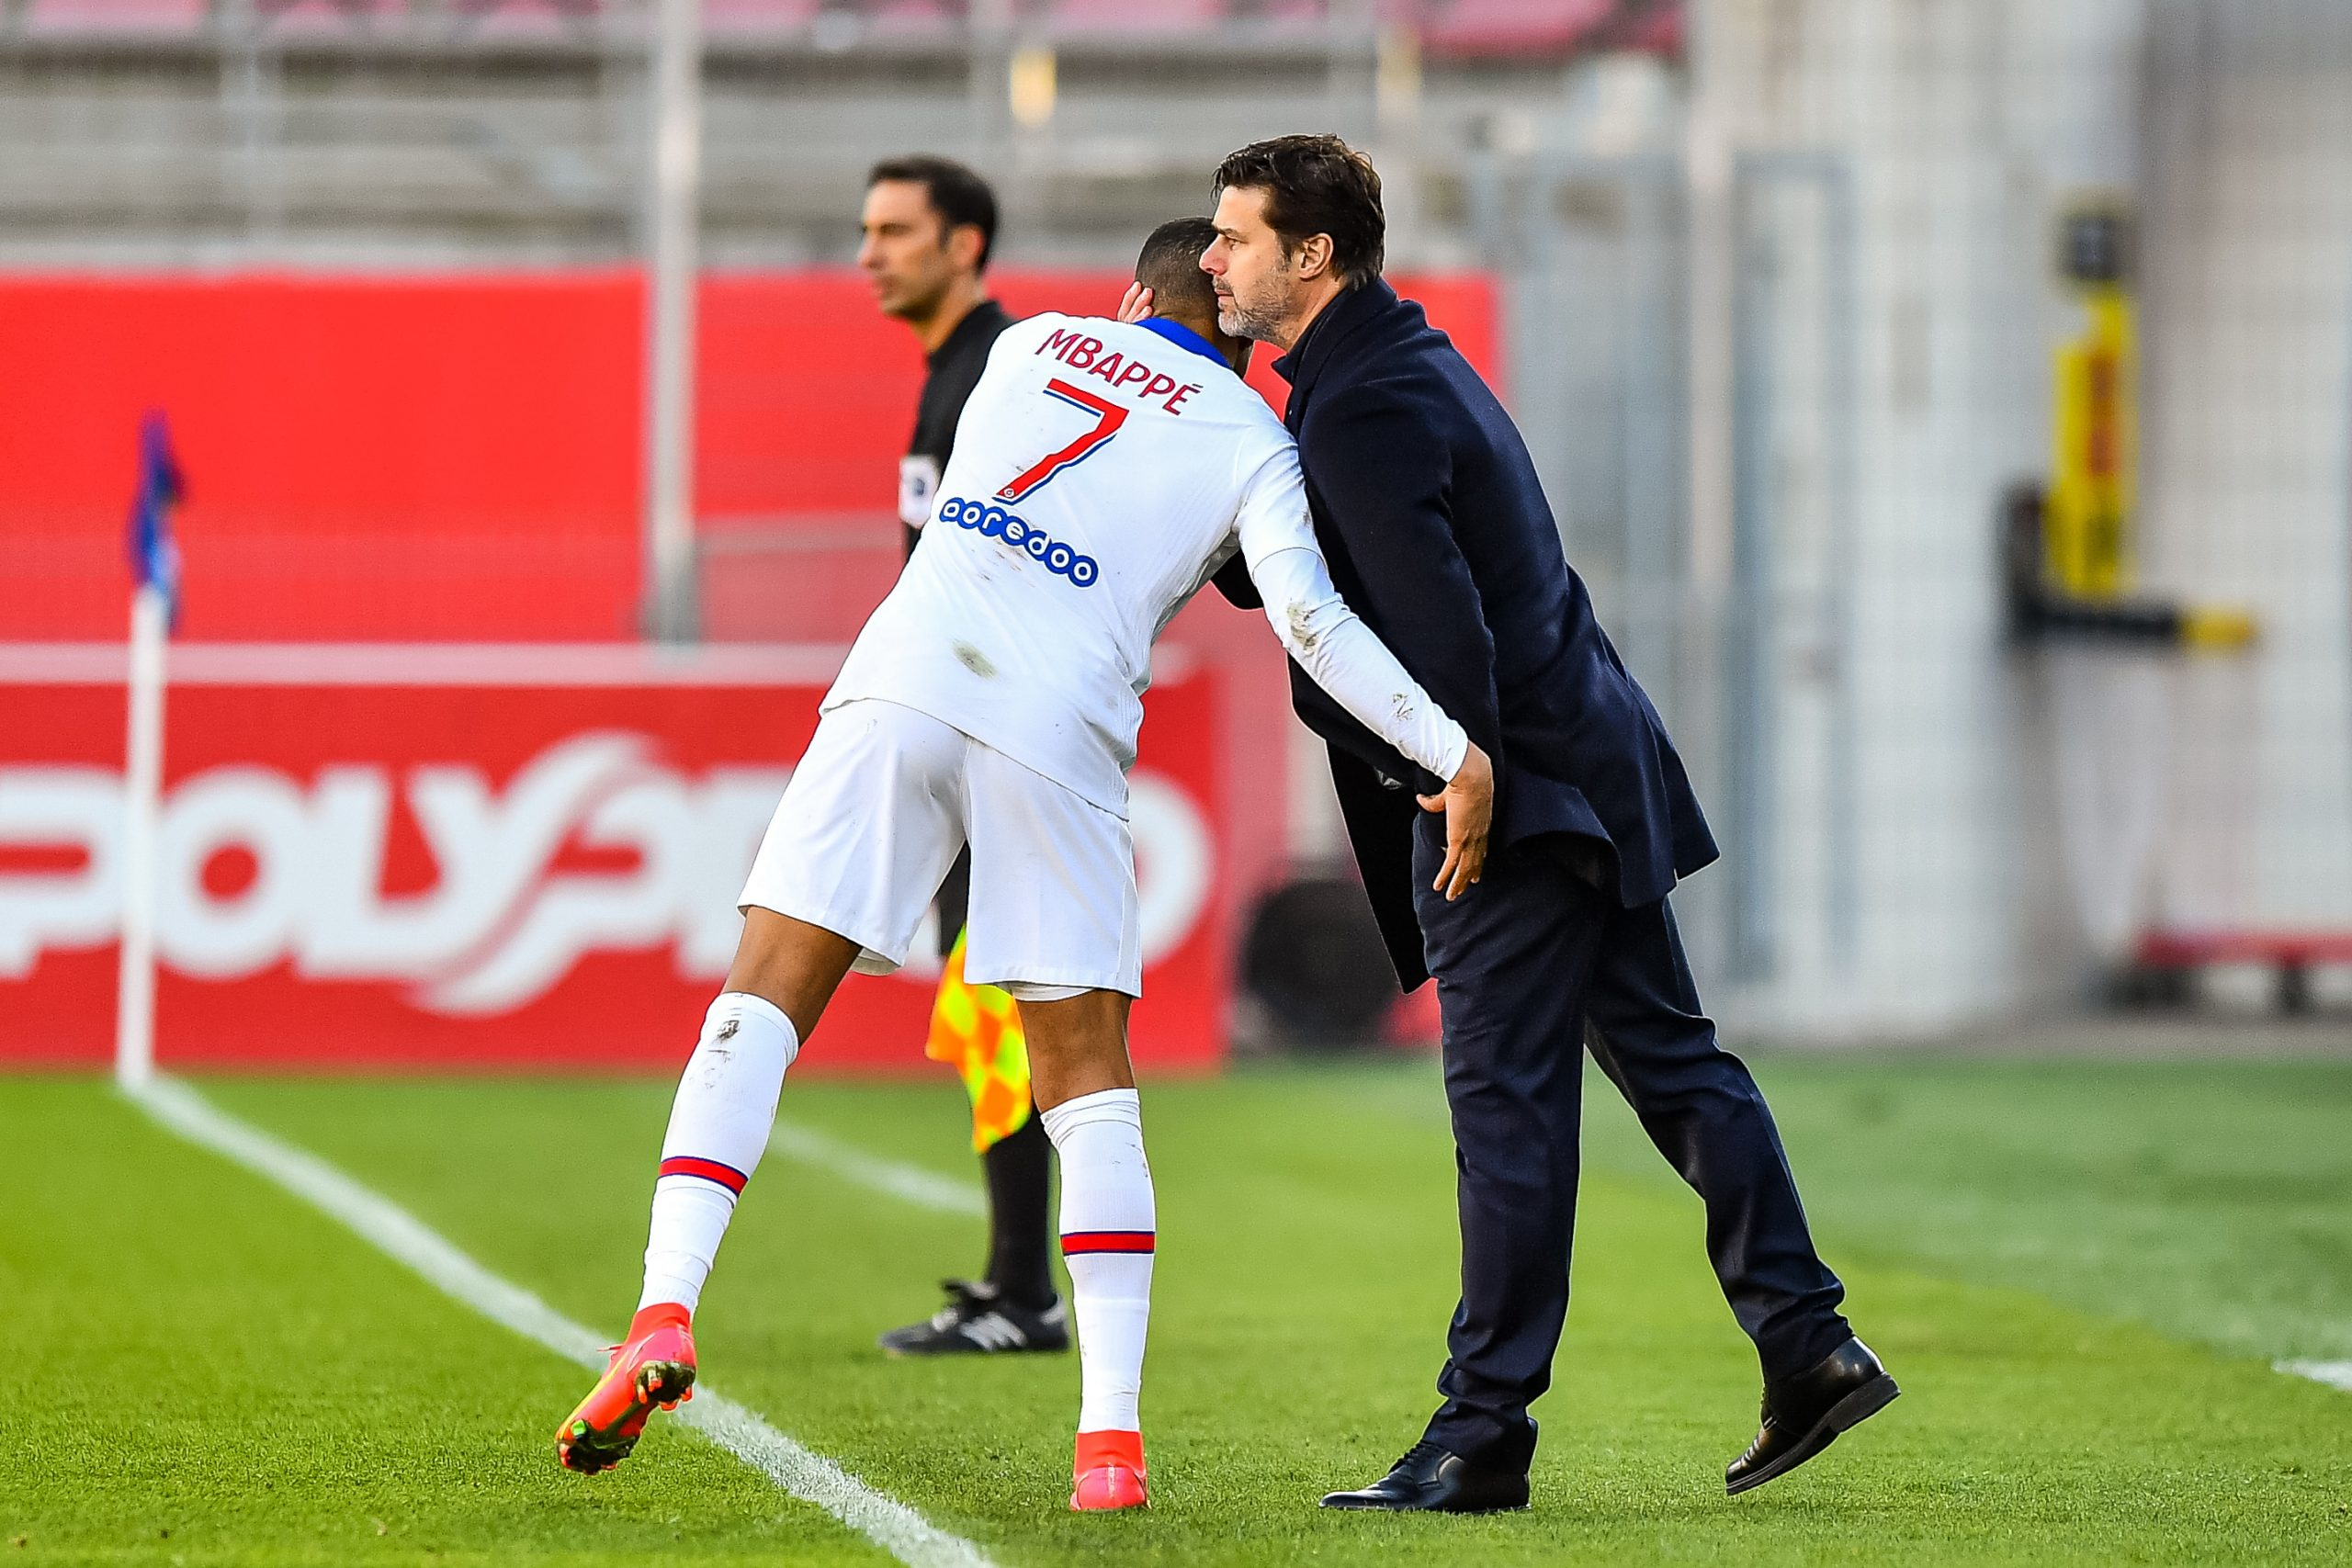 """Pochettino l'assure, Mbappé """"a le potentiel, il ne lui manque rien d'autre que le temps"""""""